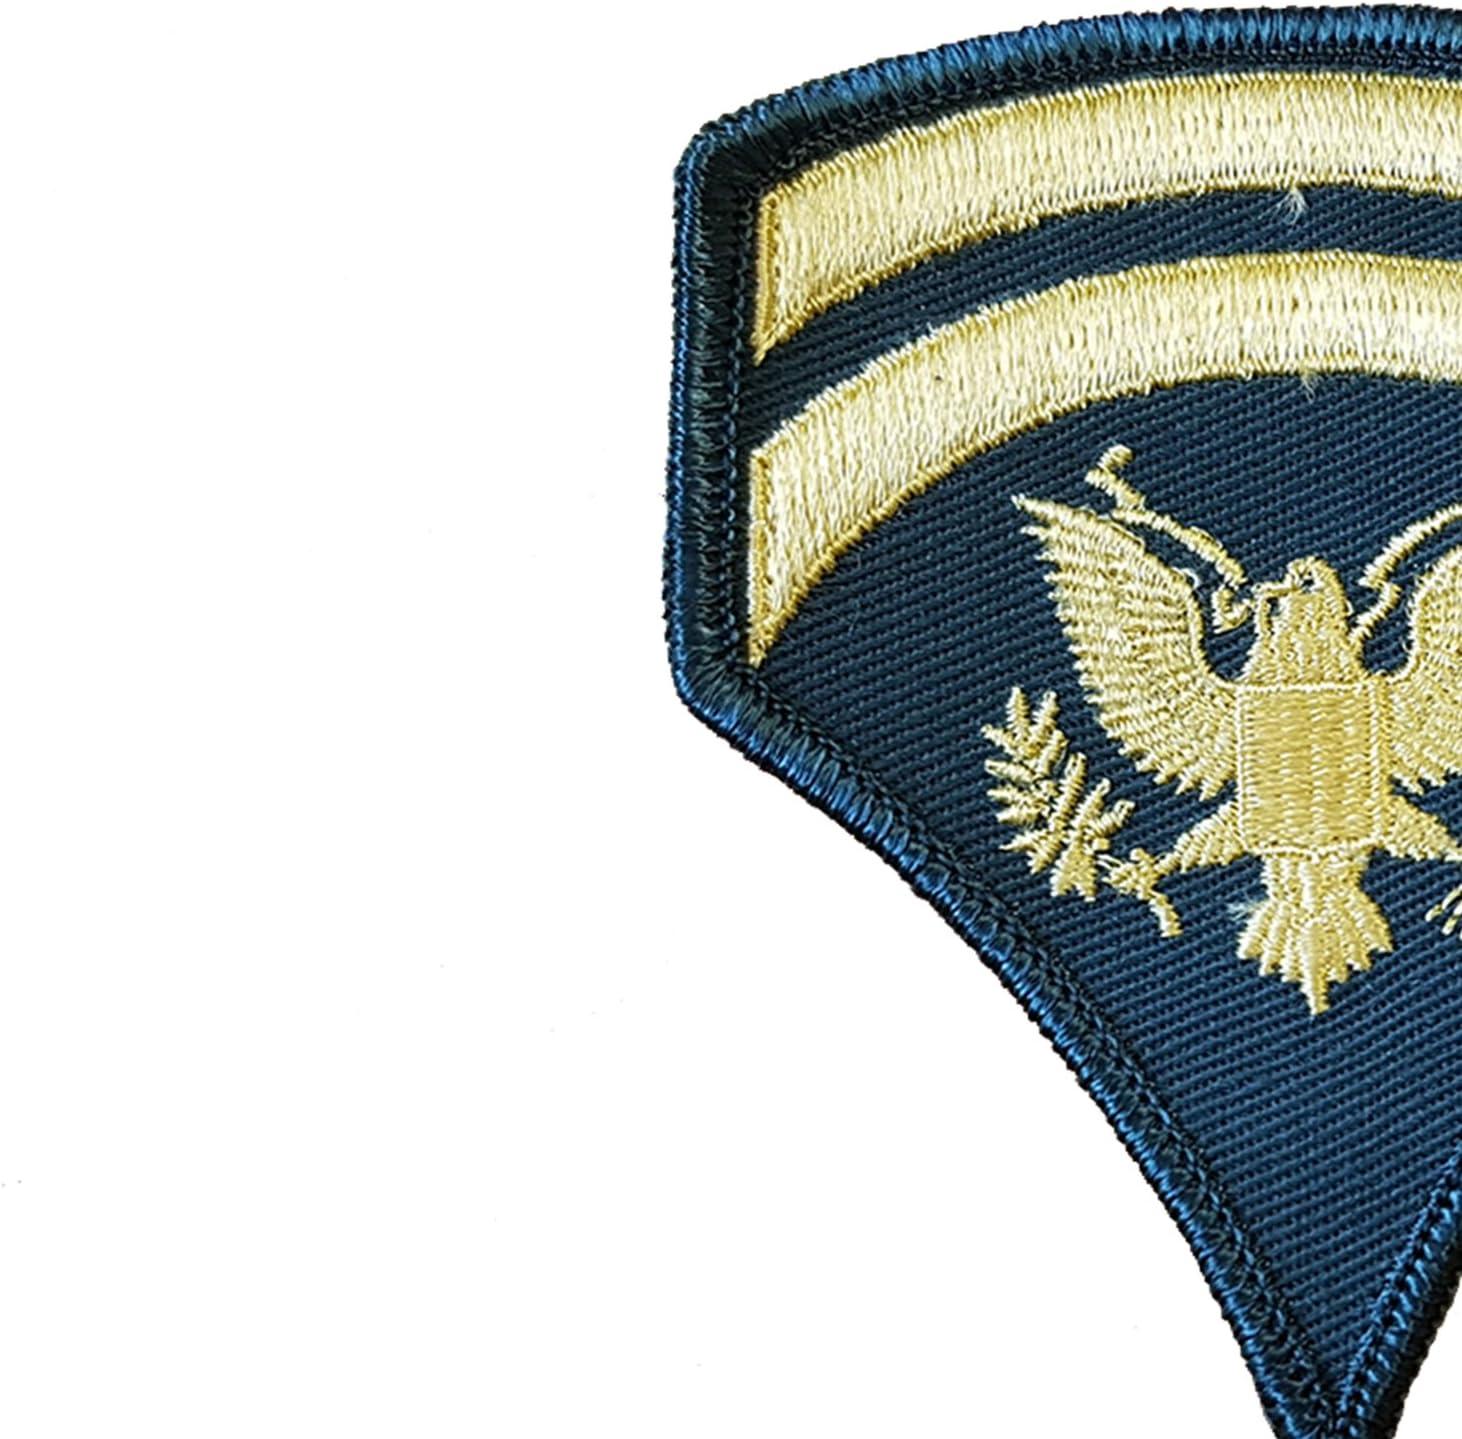 travestimento//indossato da Elvis//top Gun//10,2 x 7,6 centimetri Single Sided for Military Reenactment US Army//badge//grado militare//Sergeant//corpo//panno speciale ricamato patch//replica manica